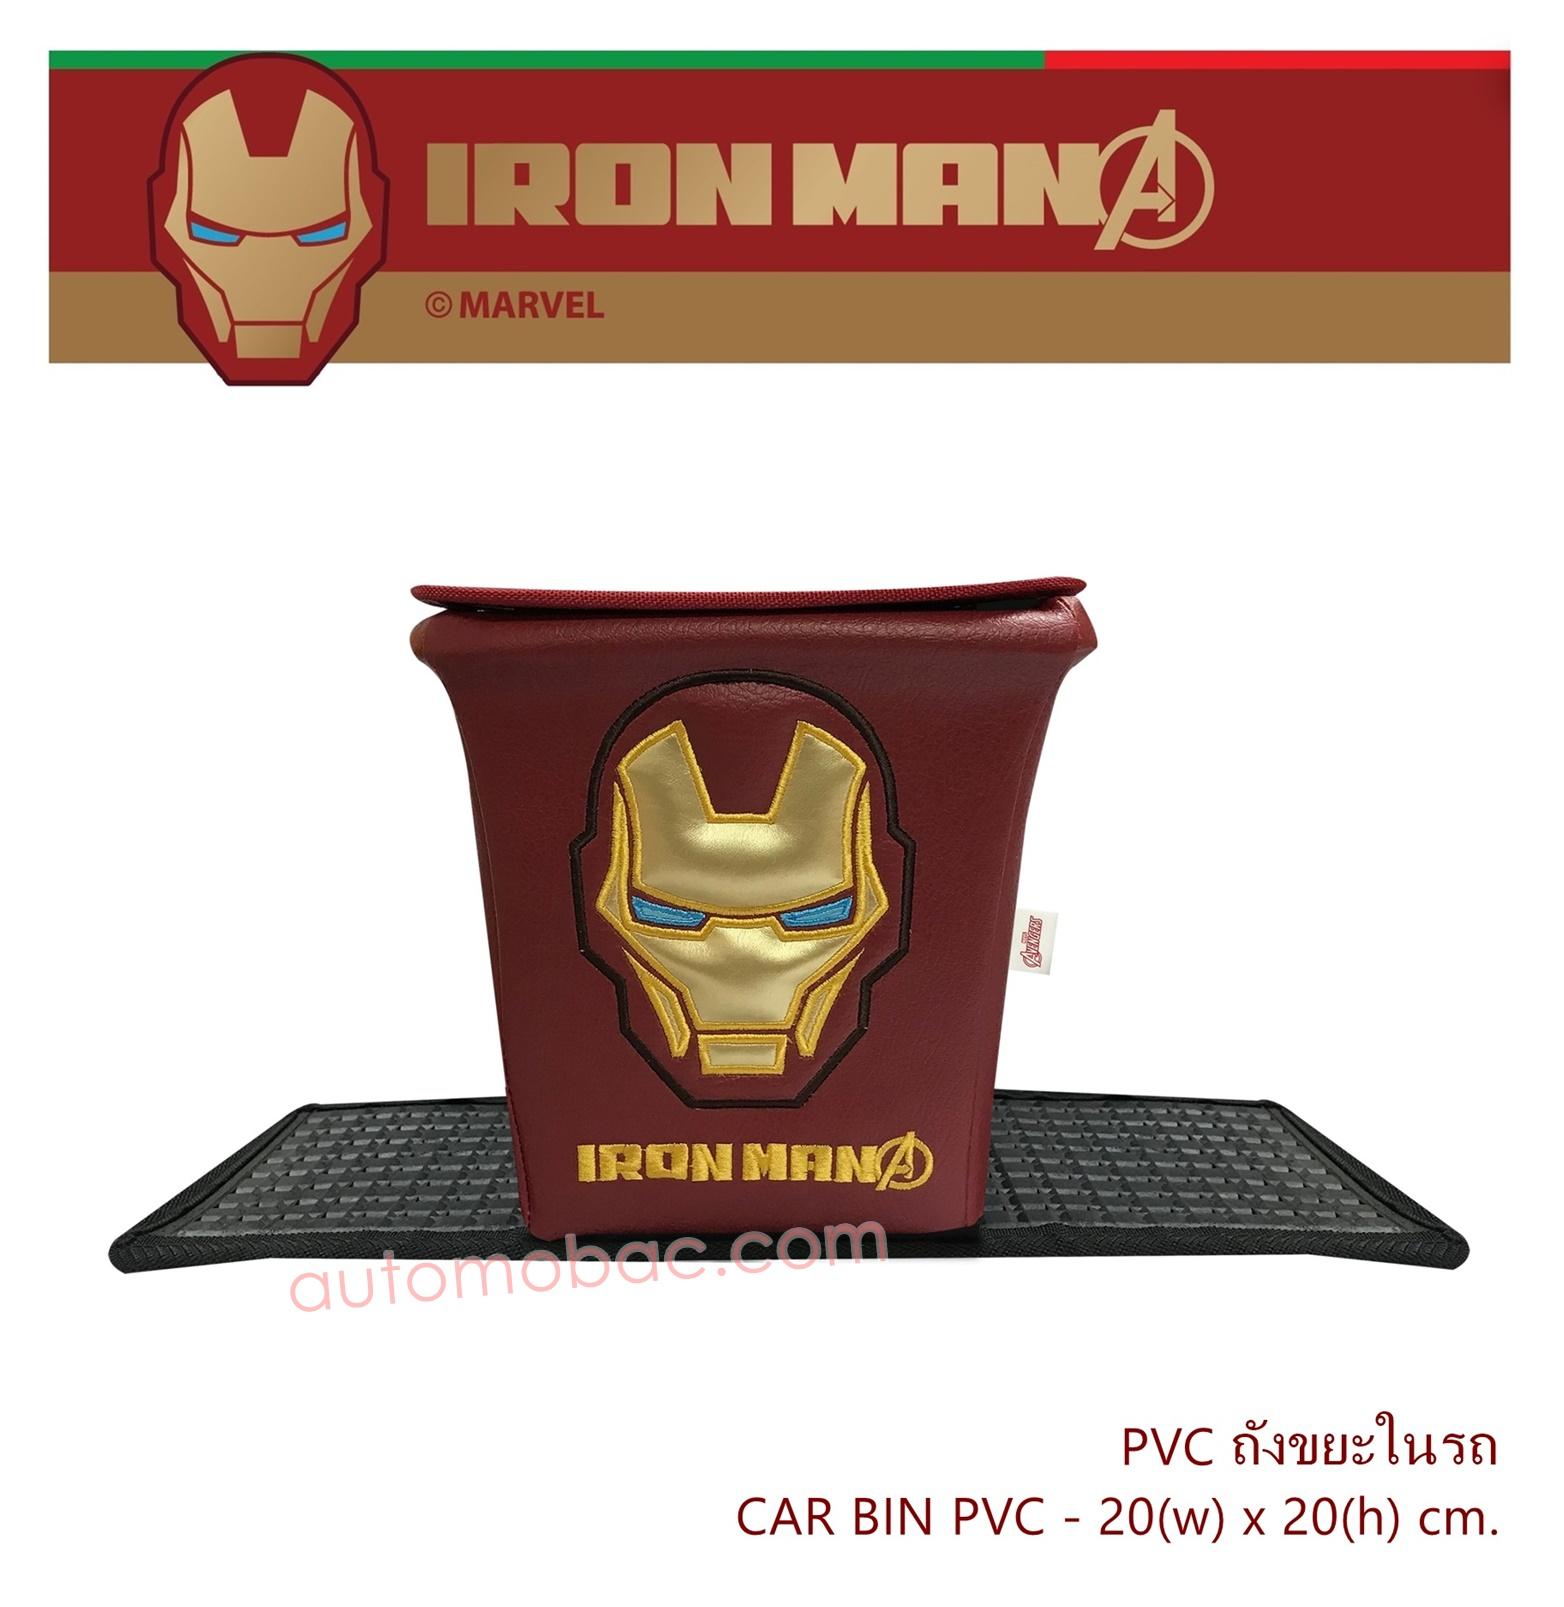 IRON-MAN ถังขยะในรถ PVC ด้านนอกผลิตจาก PVC เกรด A มีแผ่นยางพลาสติก กันลื่น ทำความสะอาดง่าย